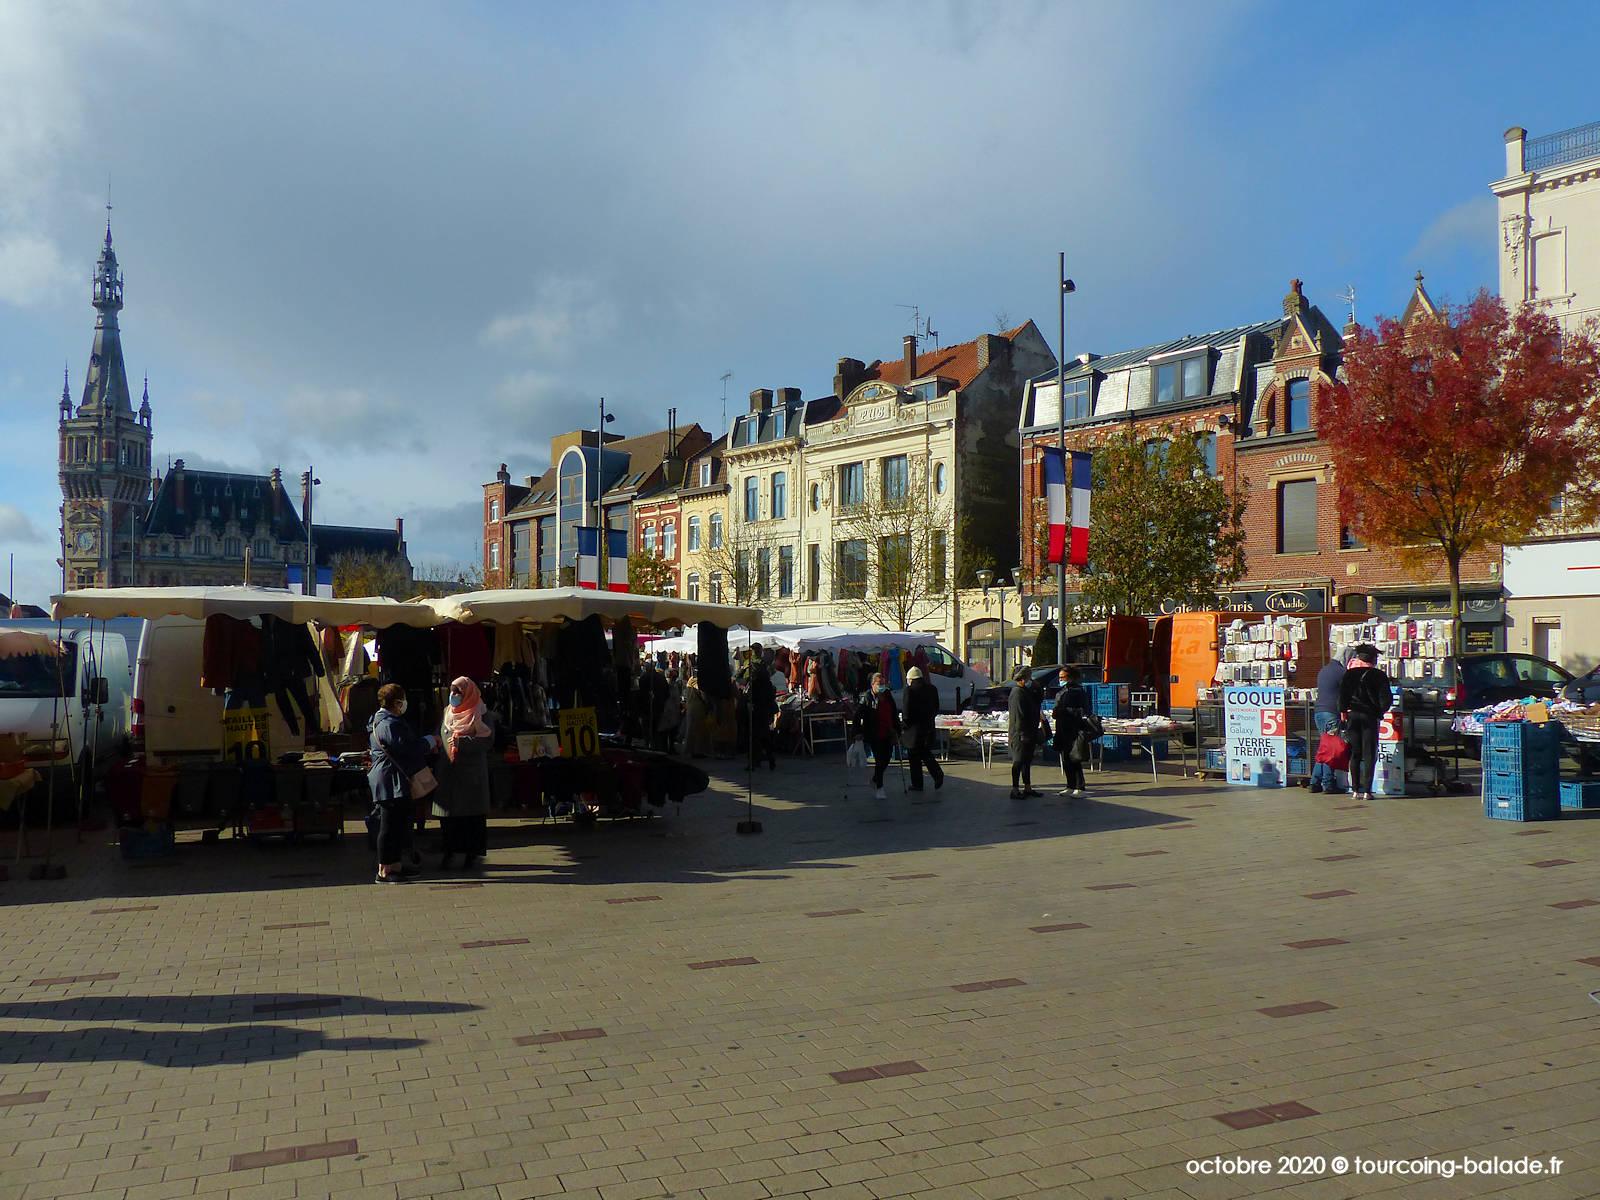 Marché Centre Ville Tourcoing, place de la république 2020